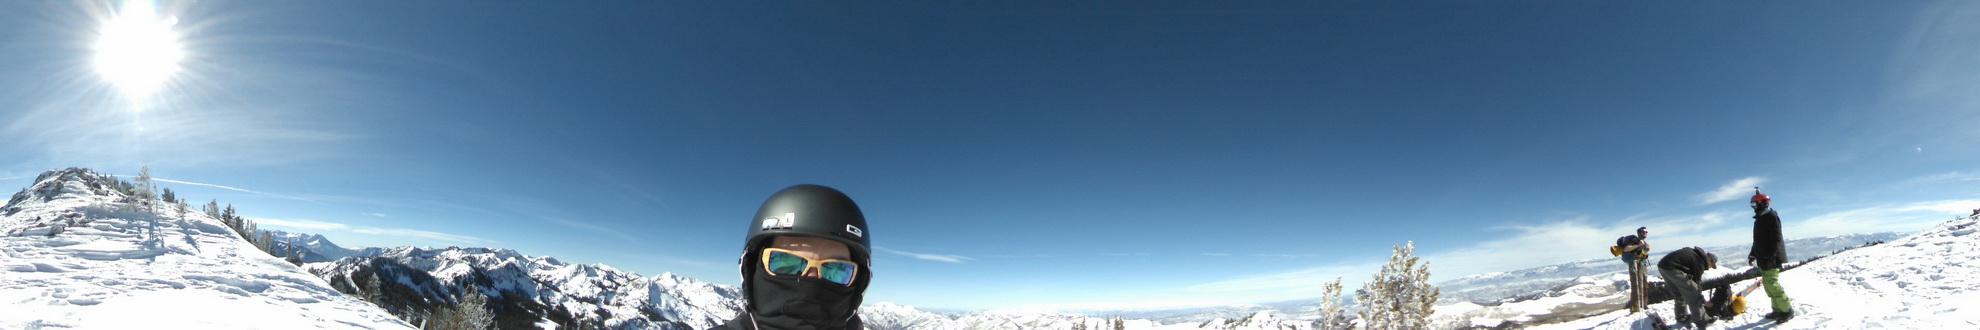 Панорамная камера 360 градусов позволяющая снимать панорамное видео и фото с углом обзора 360 градусов. В наличии и под заказа.